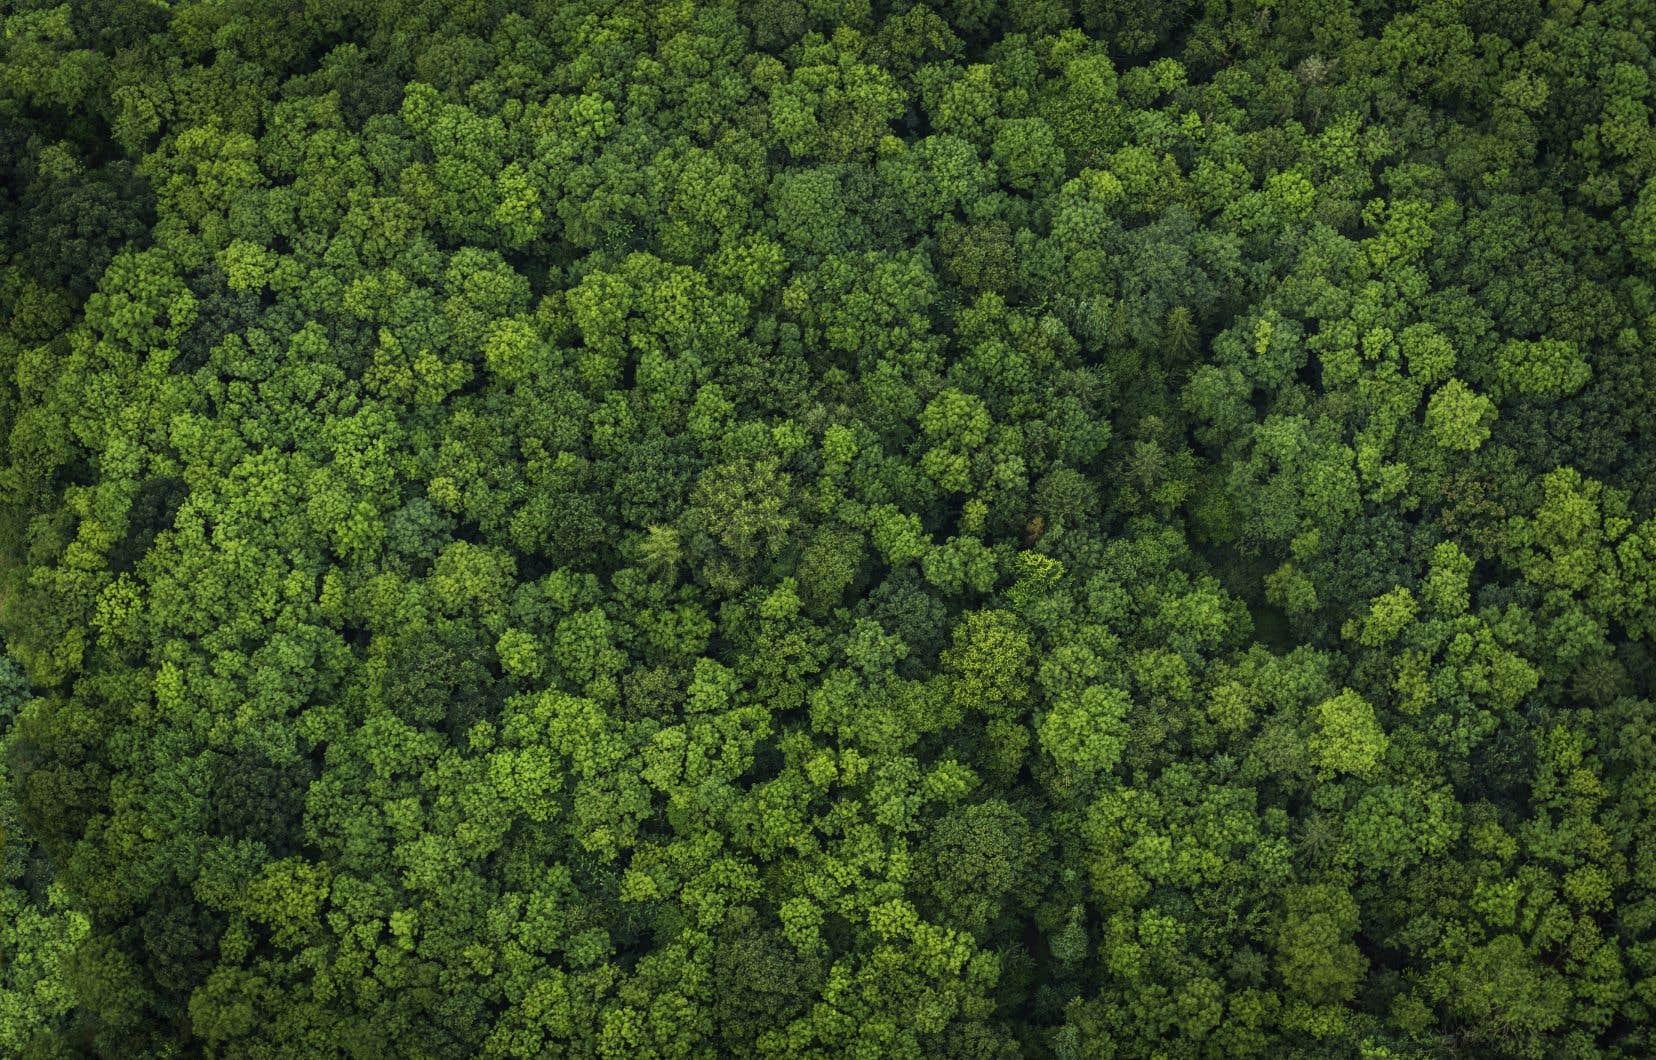 Selon une étude, ces nouveaux arbres pourraient aspirer près de 750 milliards de tonnes métriques du dioxyde de carbone qui piège la chaleur dans l'atmosphère.